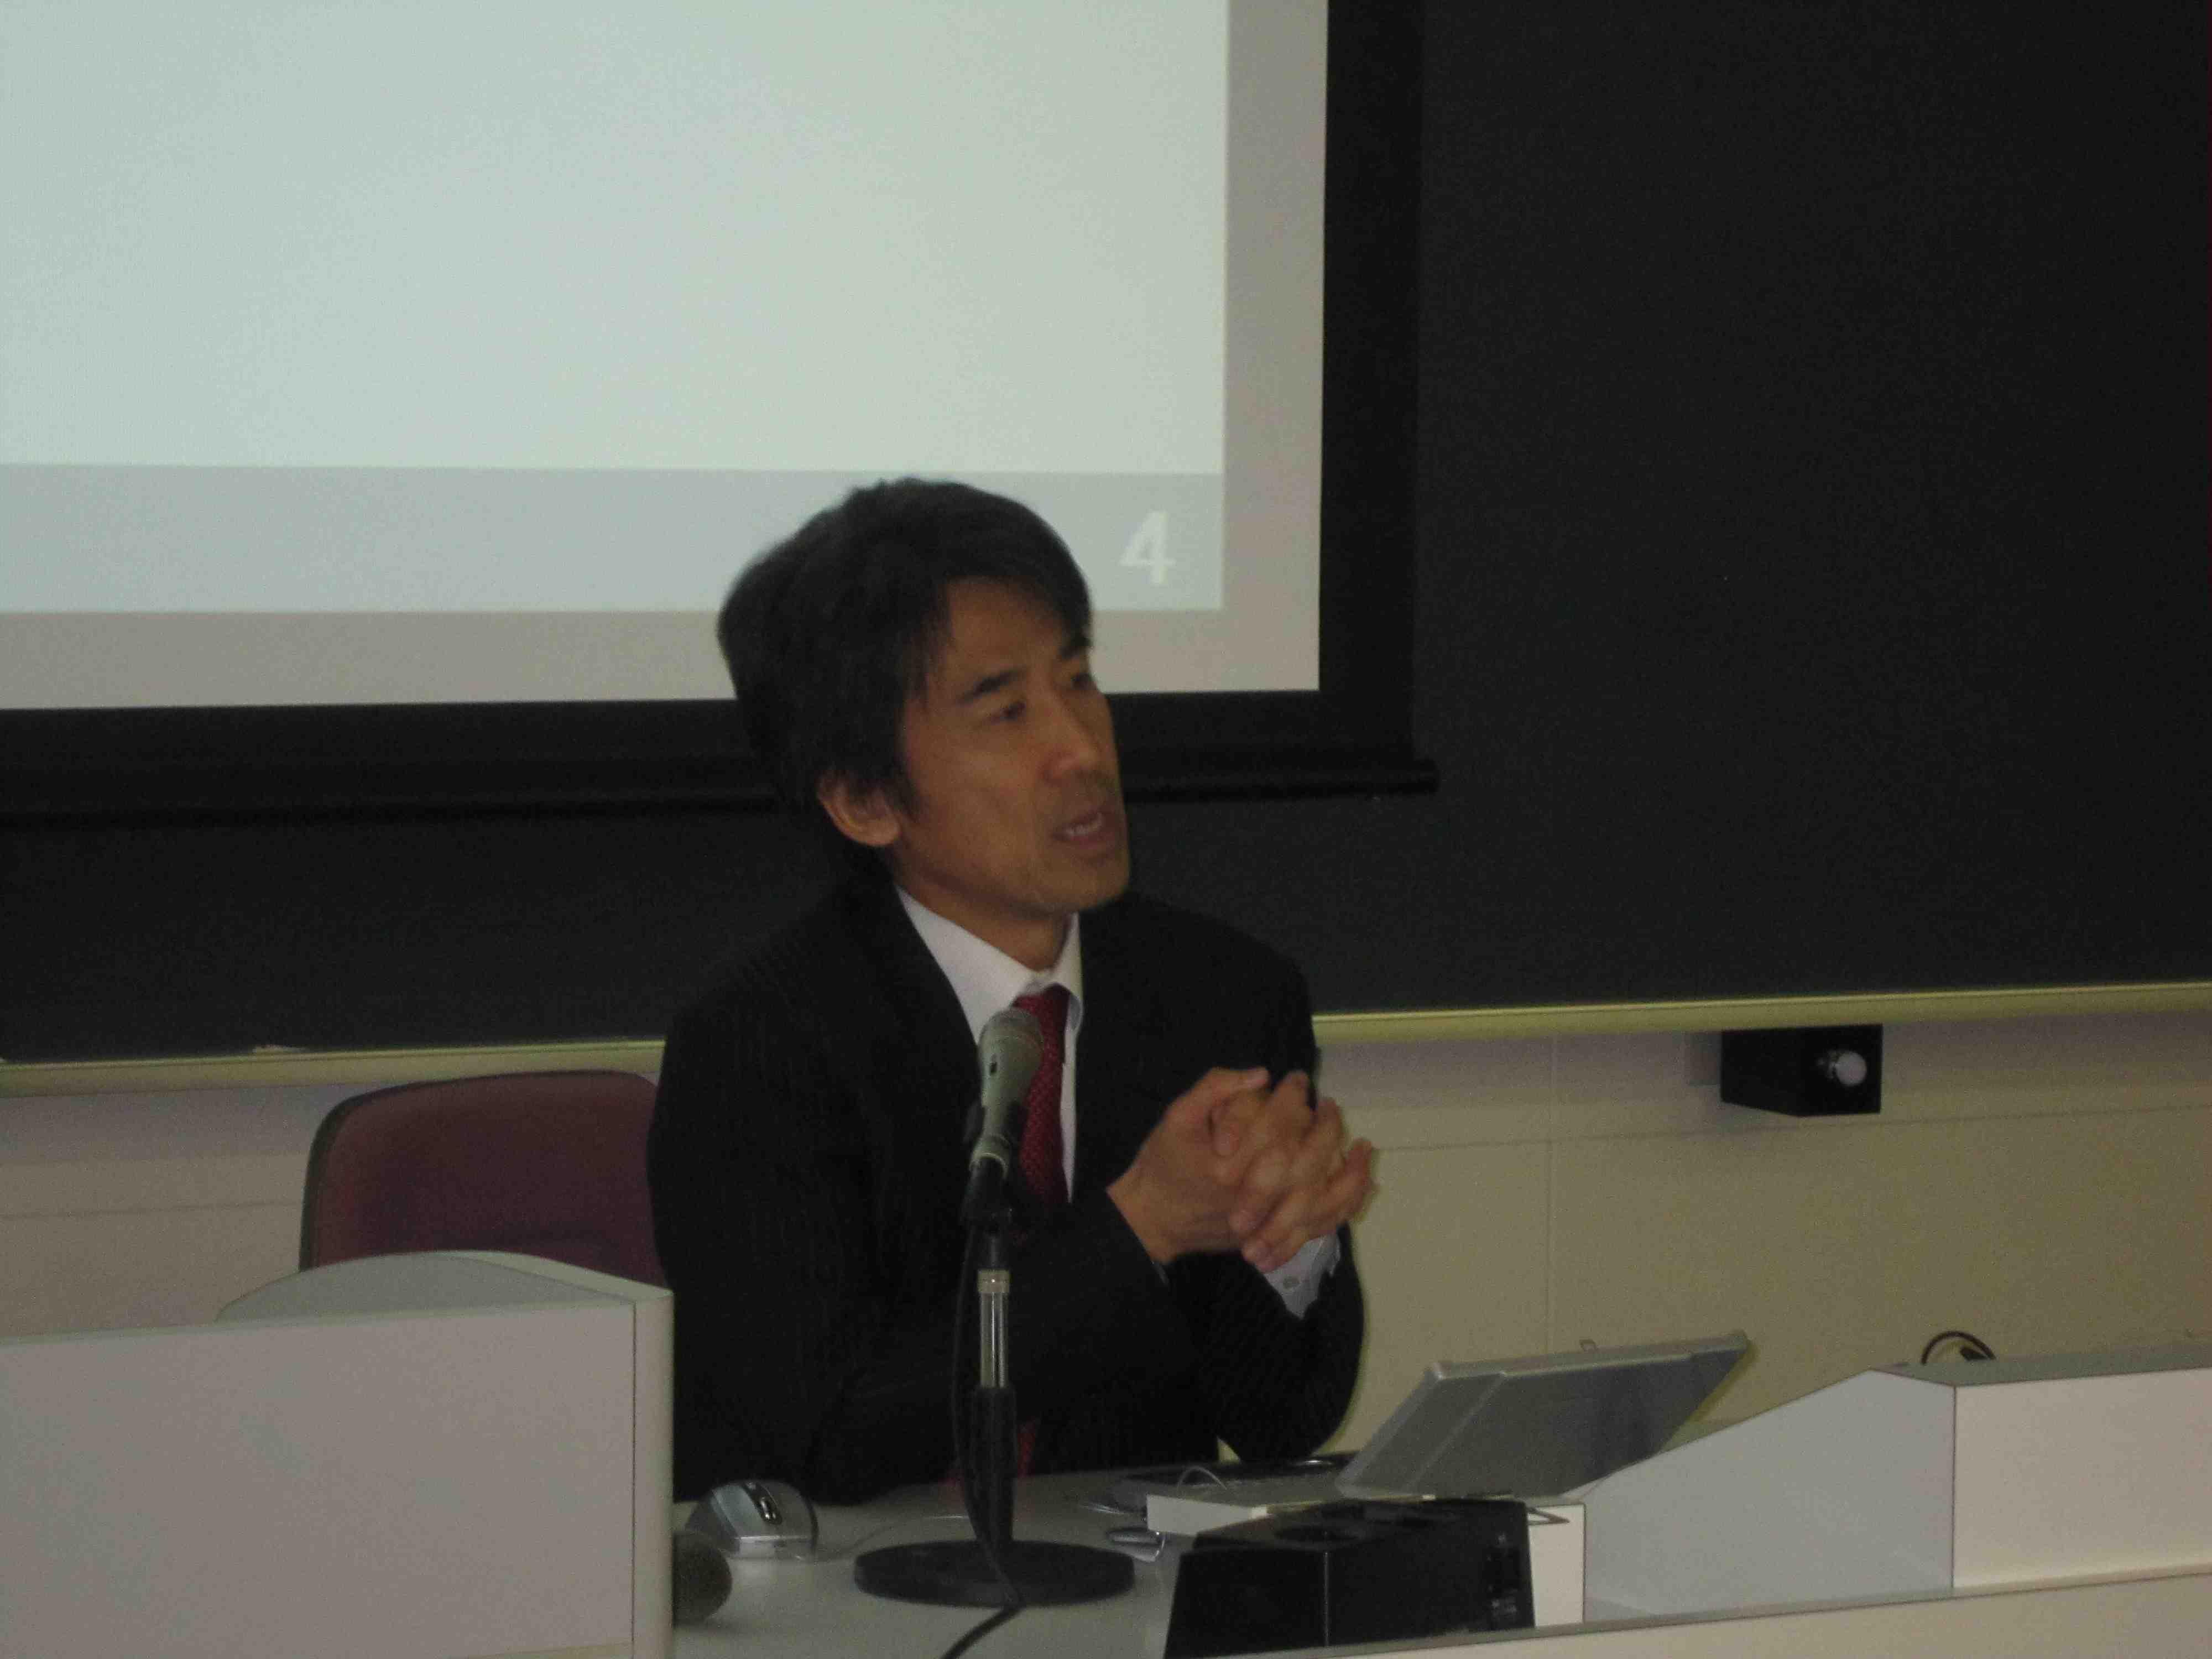 オープンソースの開発と利用について語る喜多氏